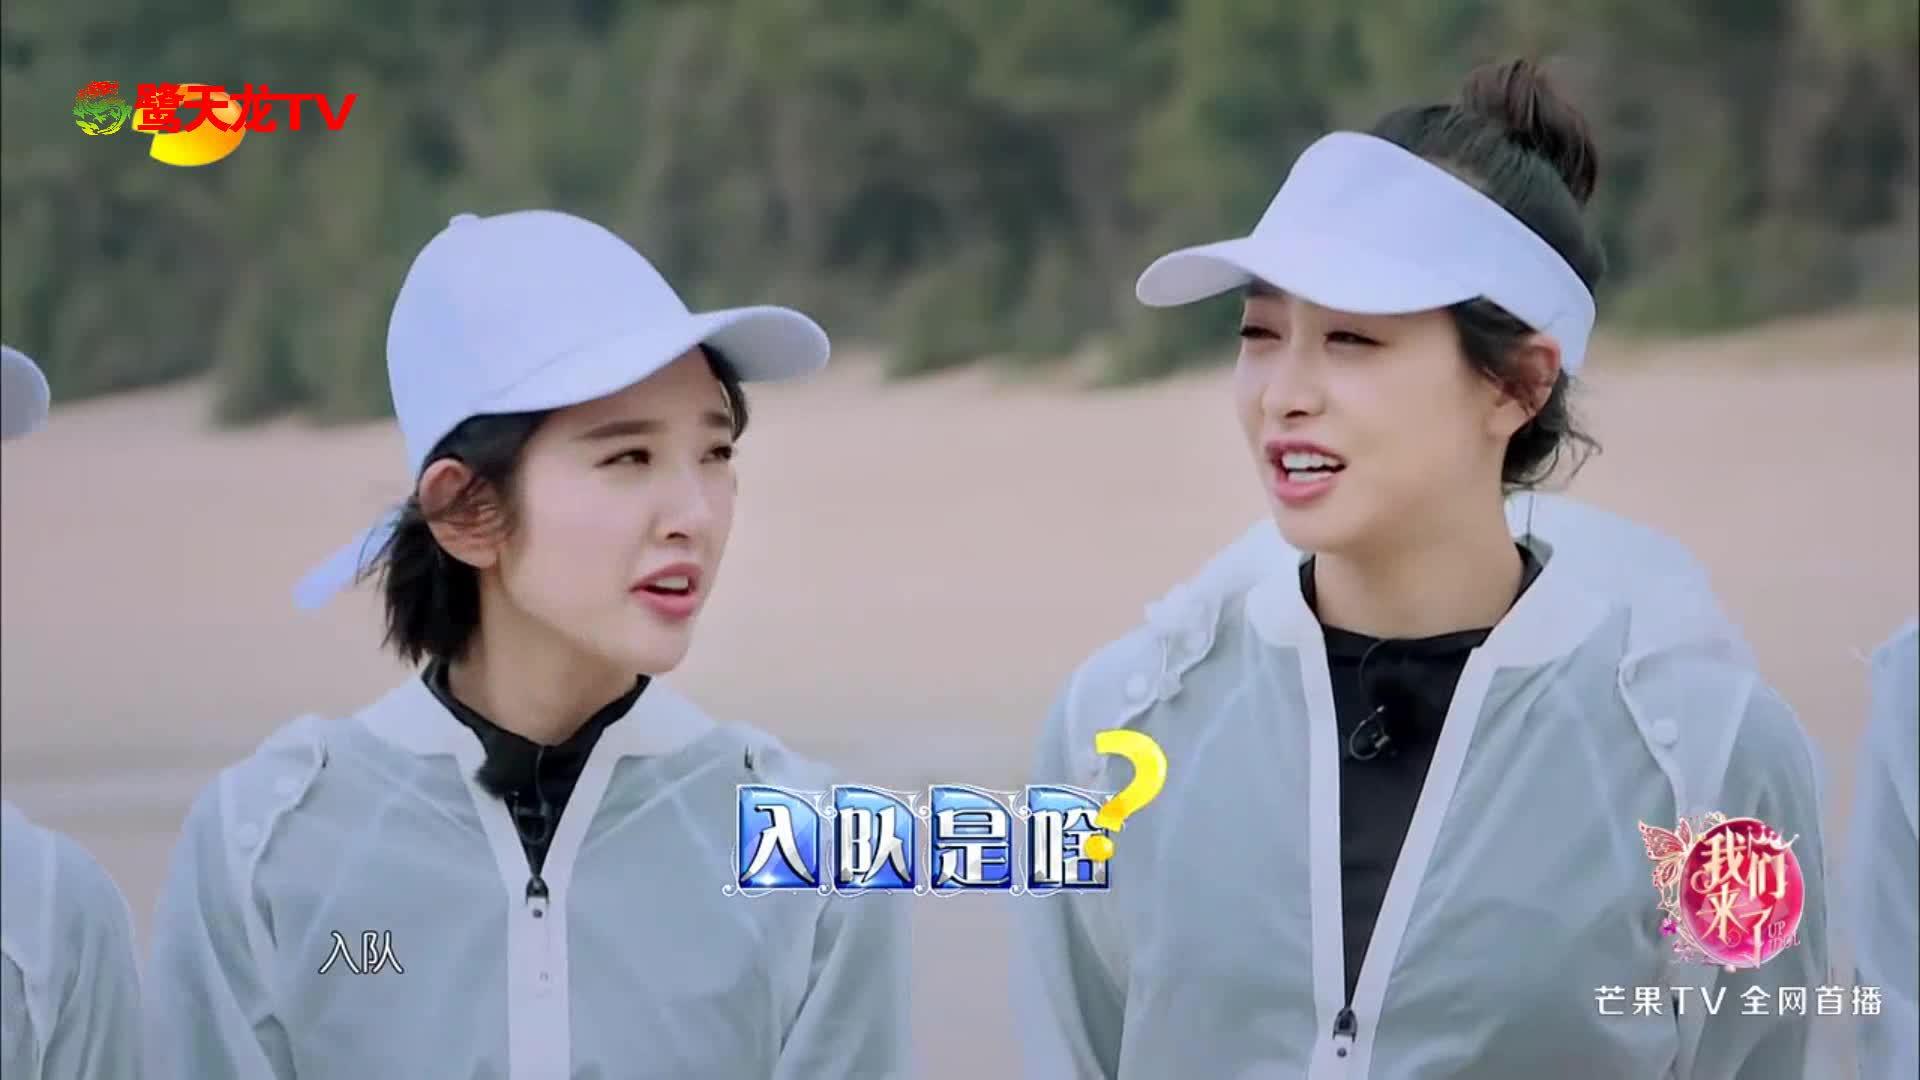 唐艺昕陈妍希谁更高? 比一下就知道了